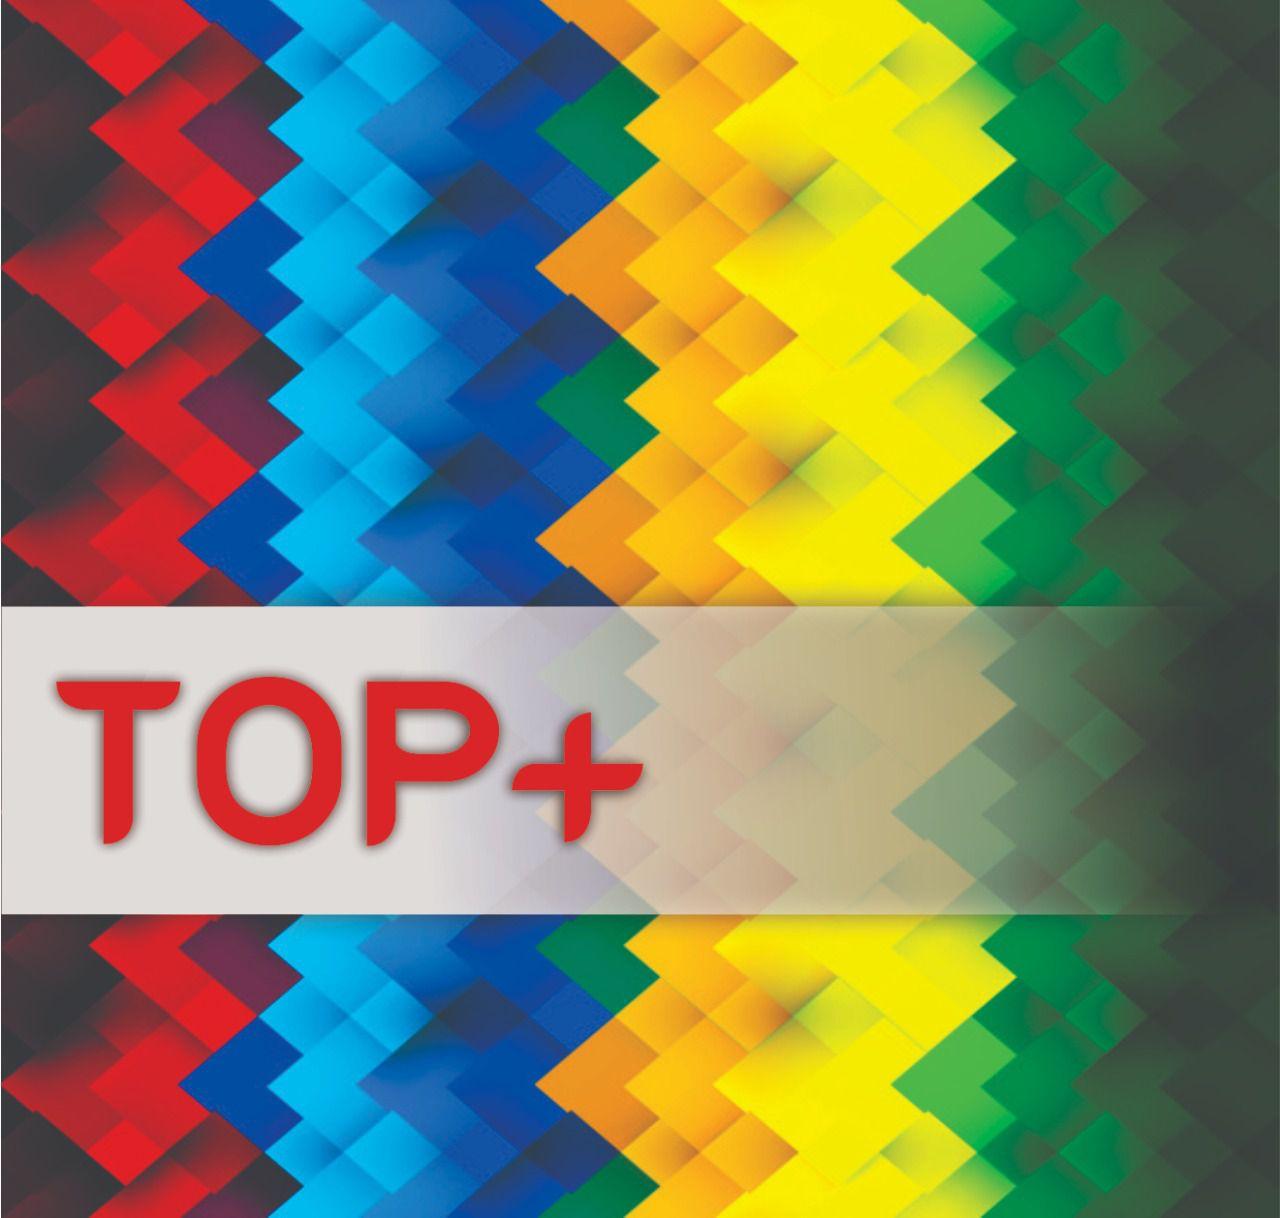 Fardo com 7 Placas Microporosas Top+ - 1,60m x 1m x 15mm  - INBOP - Indústria de Borrachas e Polímeros